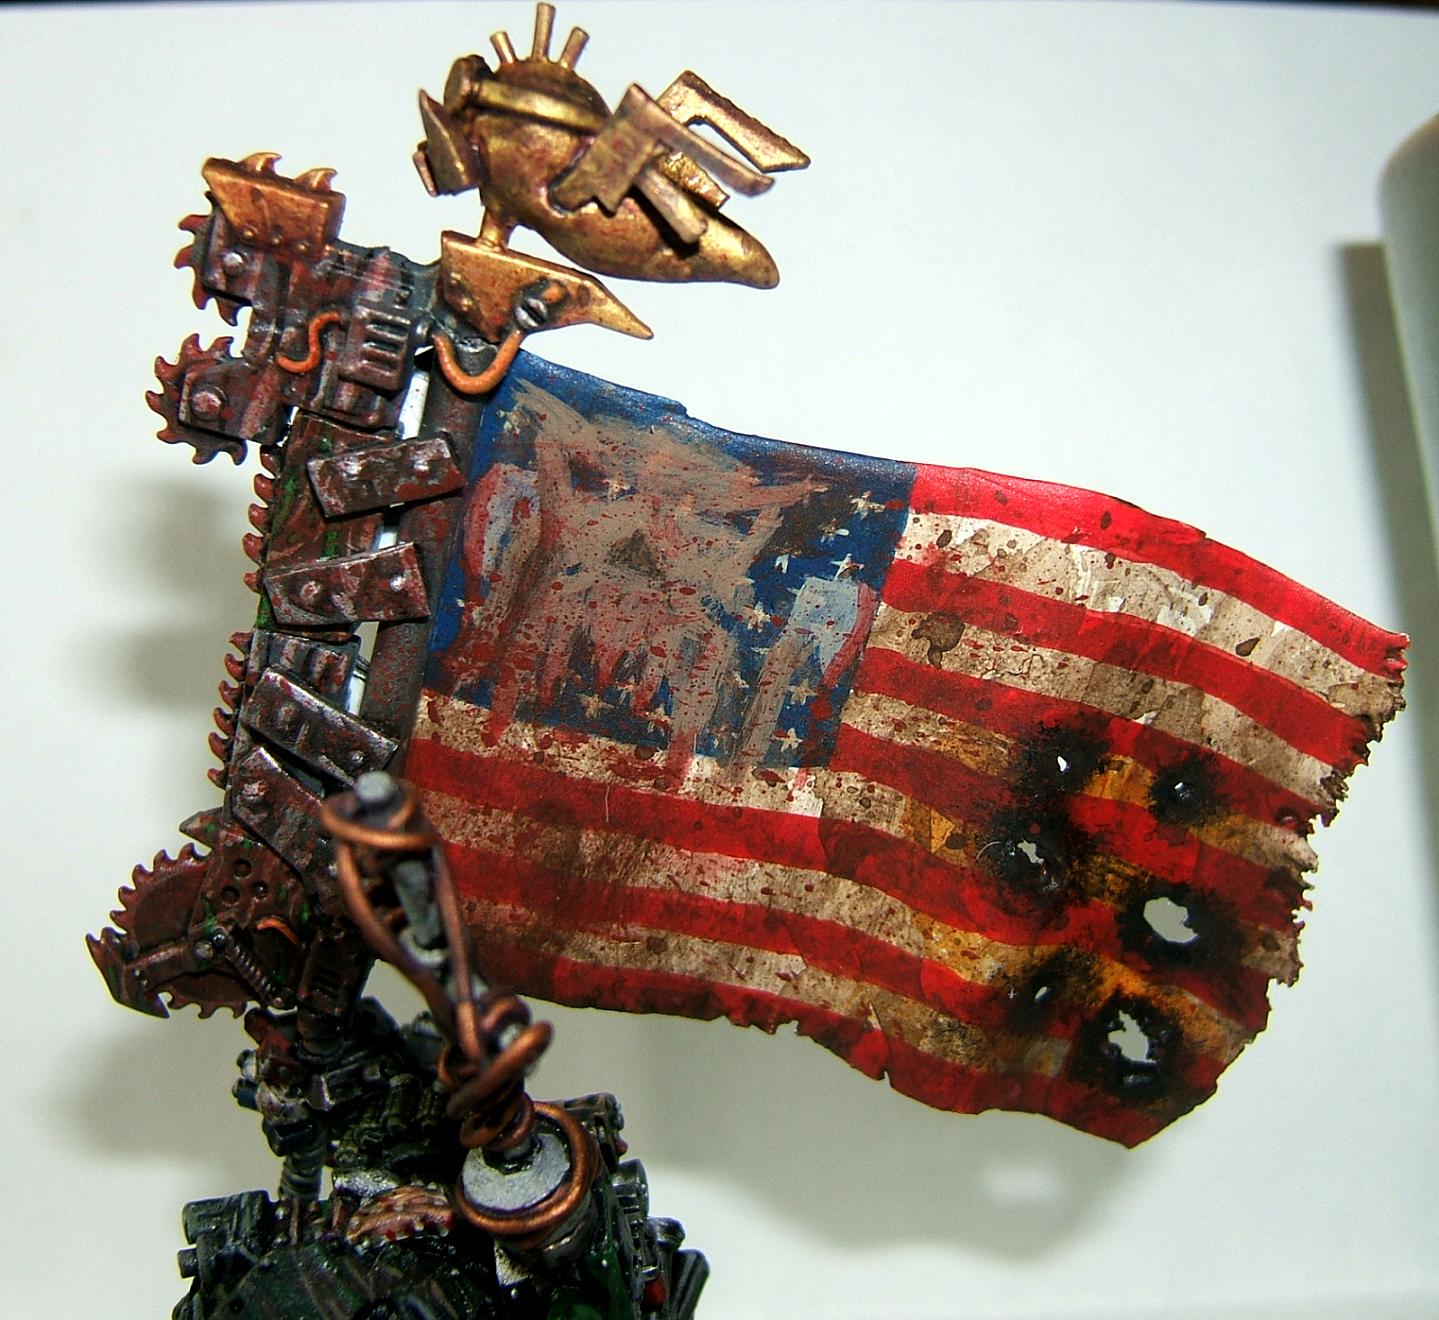 America, Bludd Axe, Conversion, Flag, Kommando, Kommandoz, Orks, Space Or, Space Ork, Space Orks, Waaagh!, Warboss, Warhammer 40,000